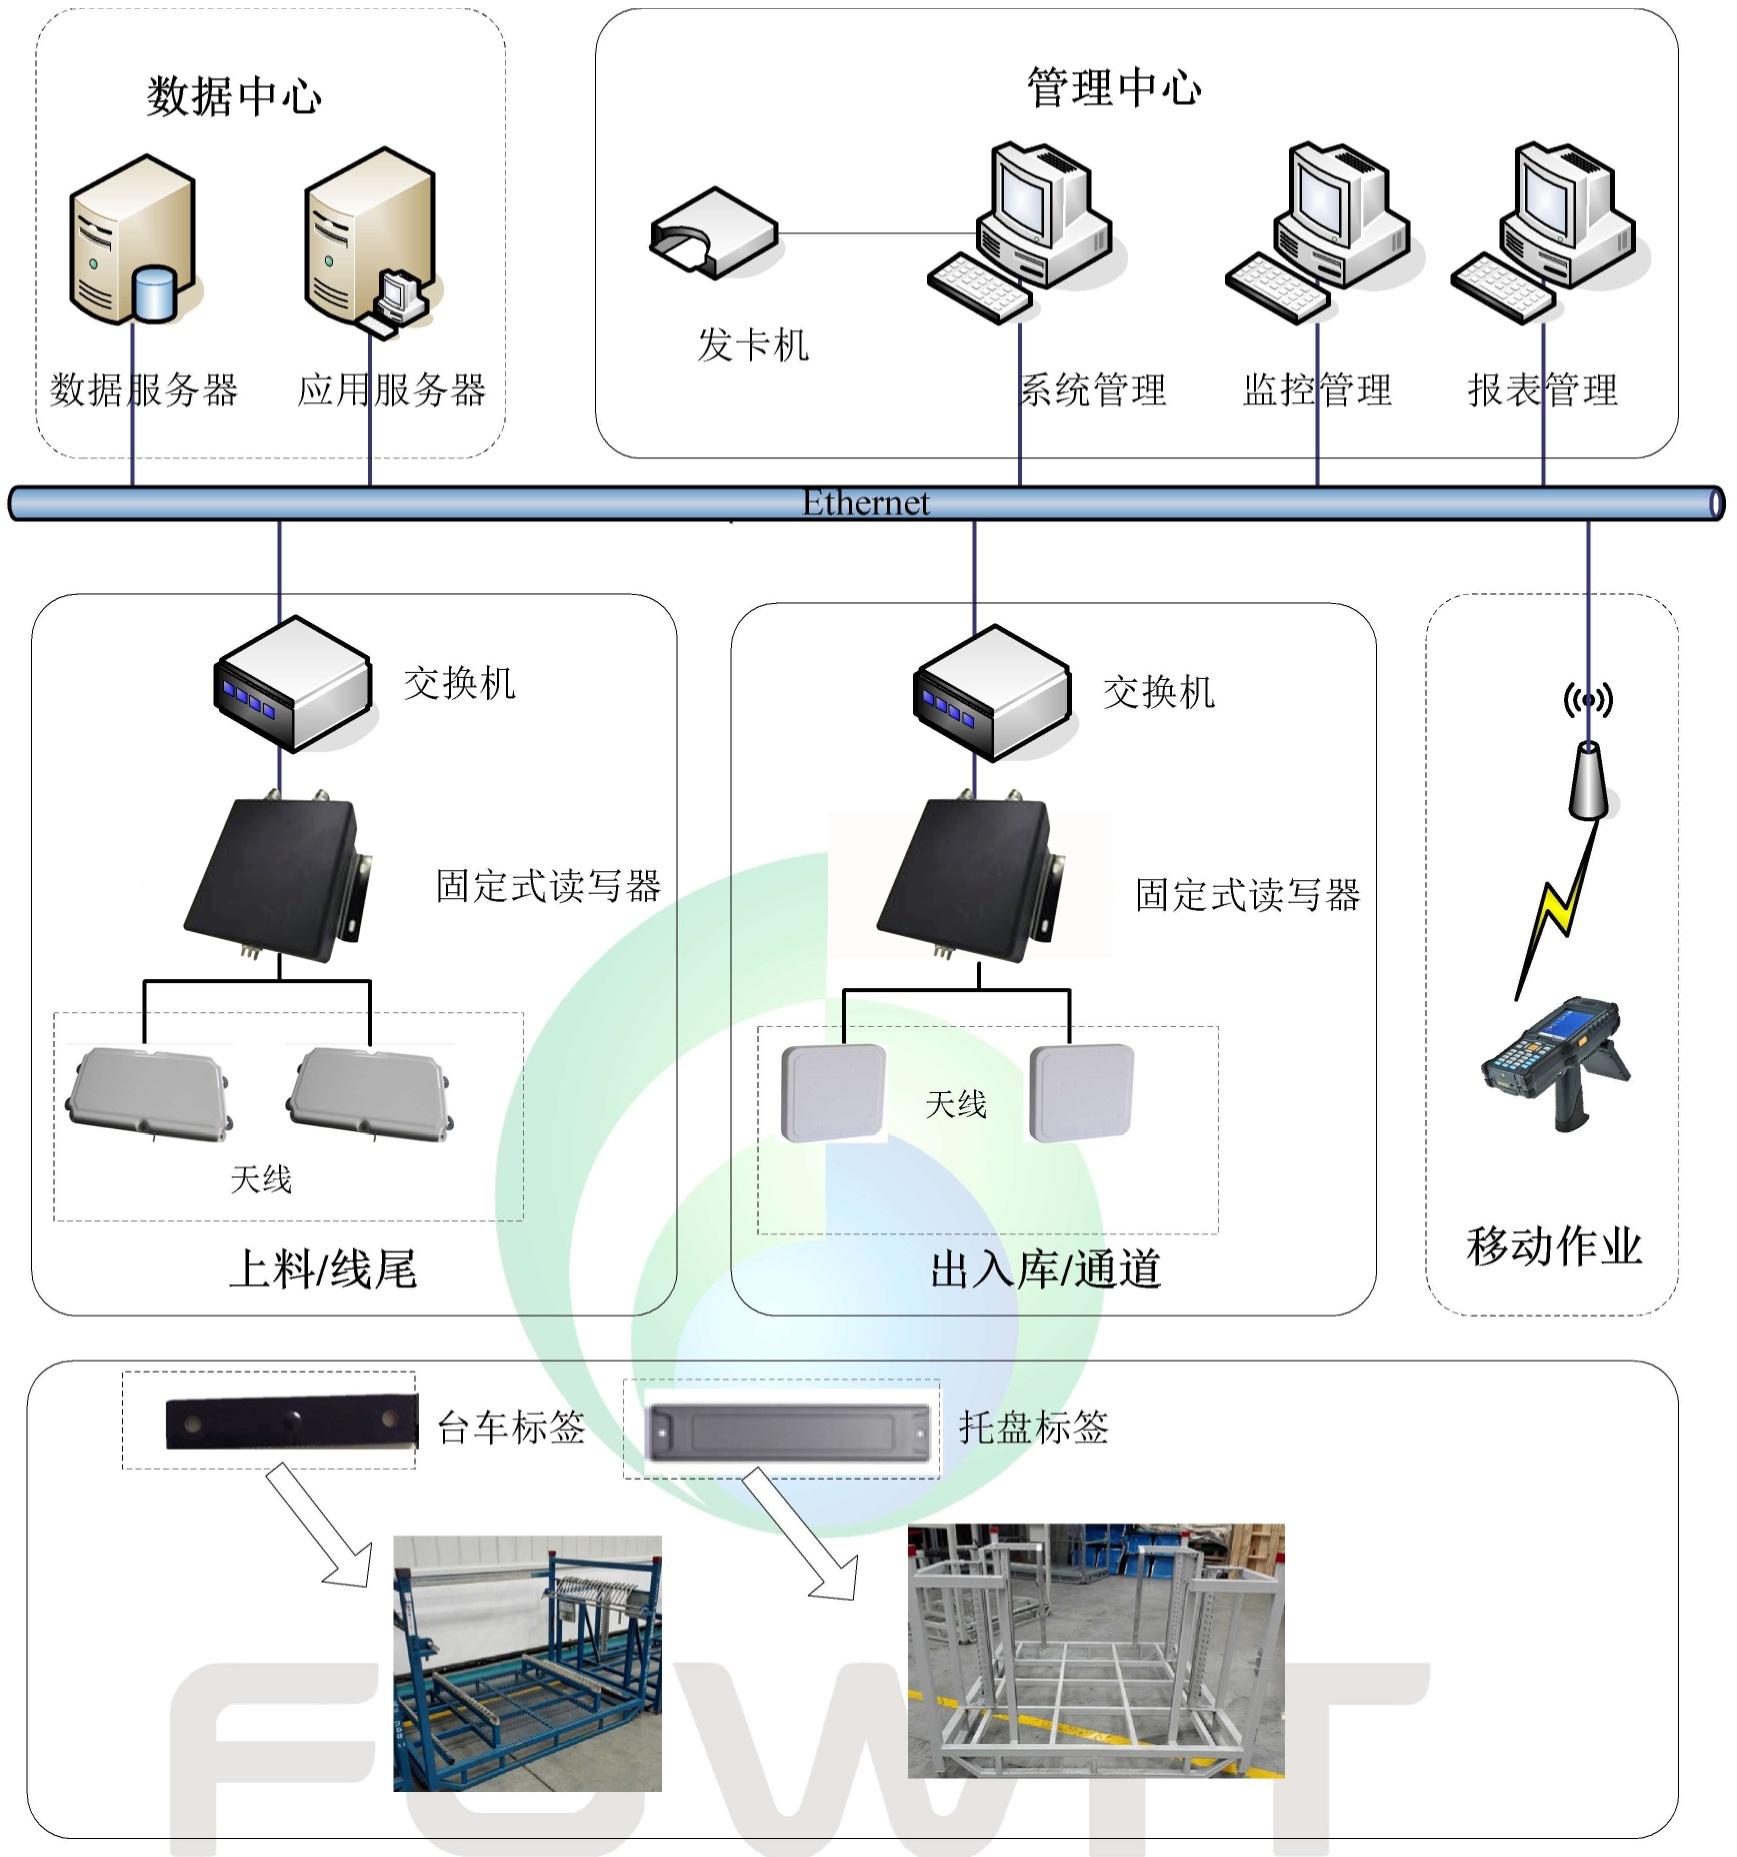 RFID汽车冲压车间应用